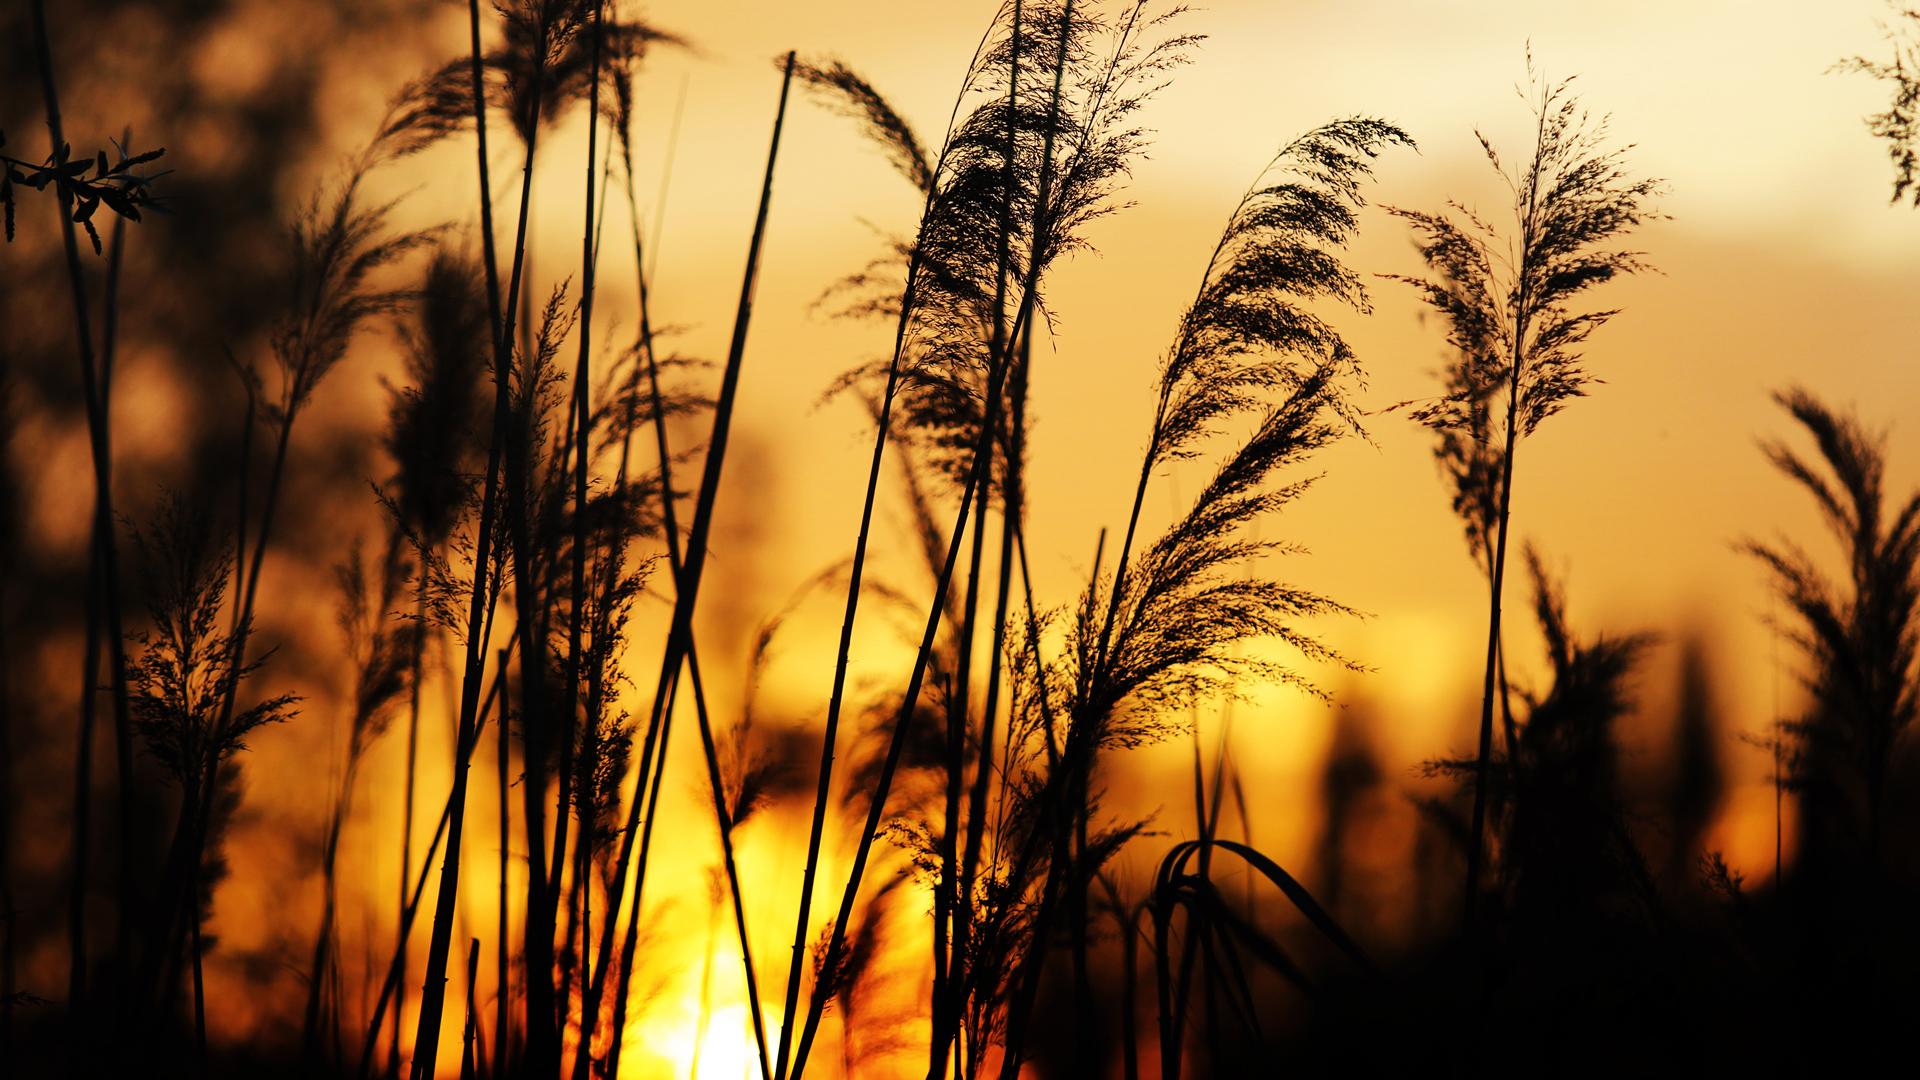 Zalazak  Foto: Domagoj Buljan  Ključne riječi: zalazak sunce